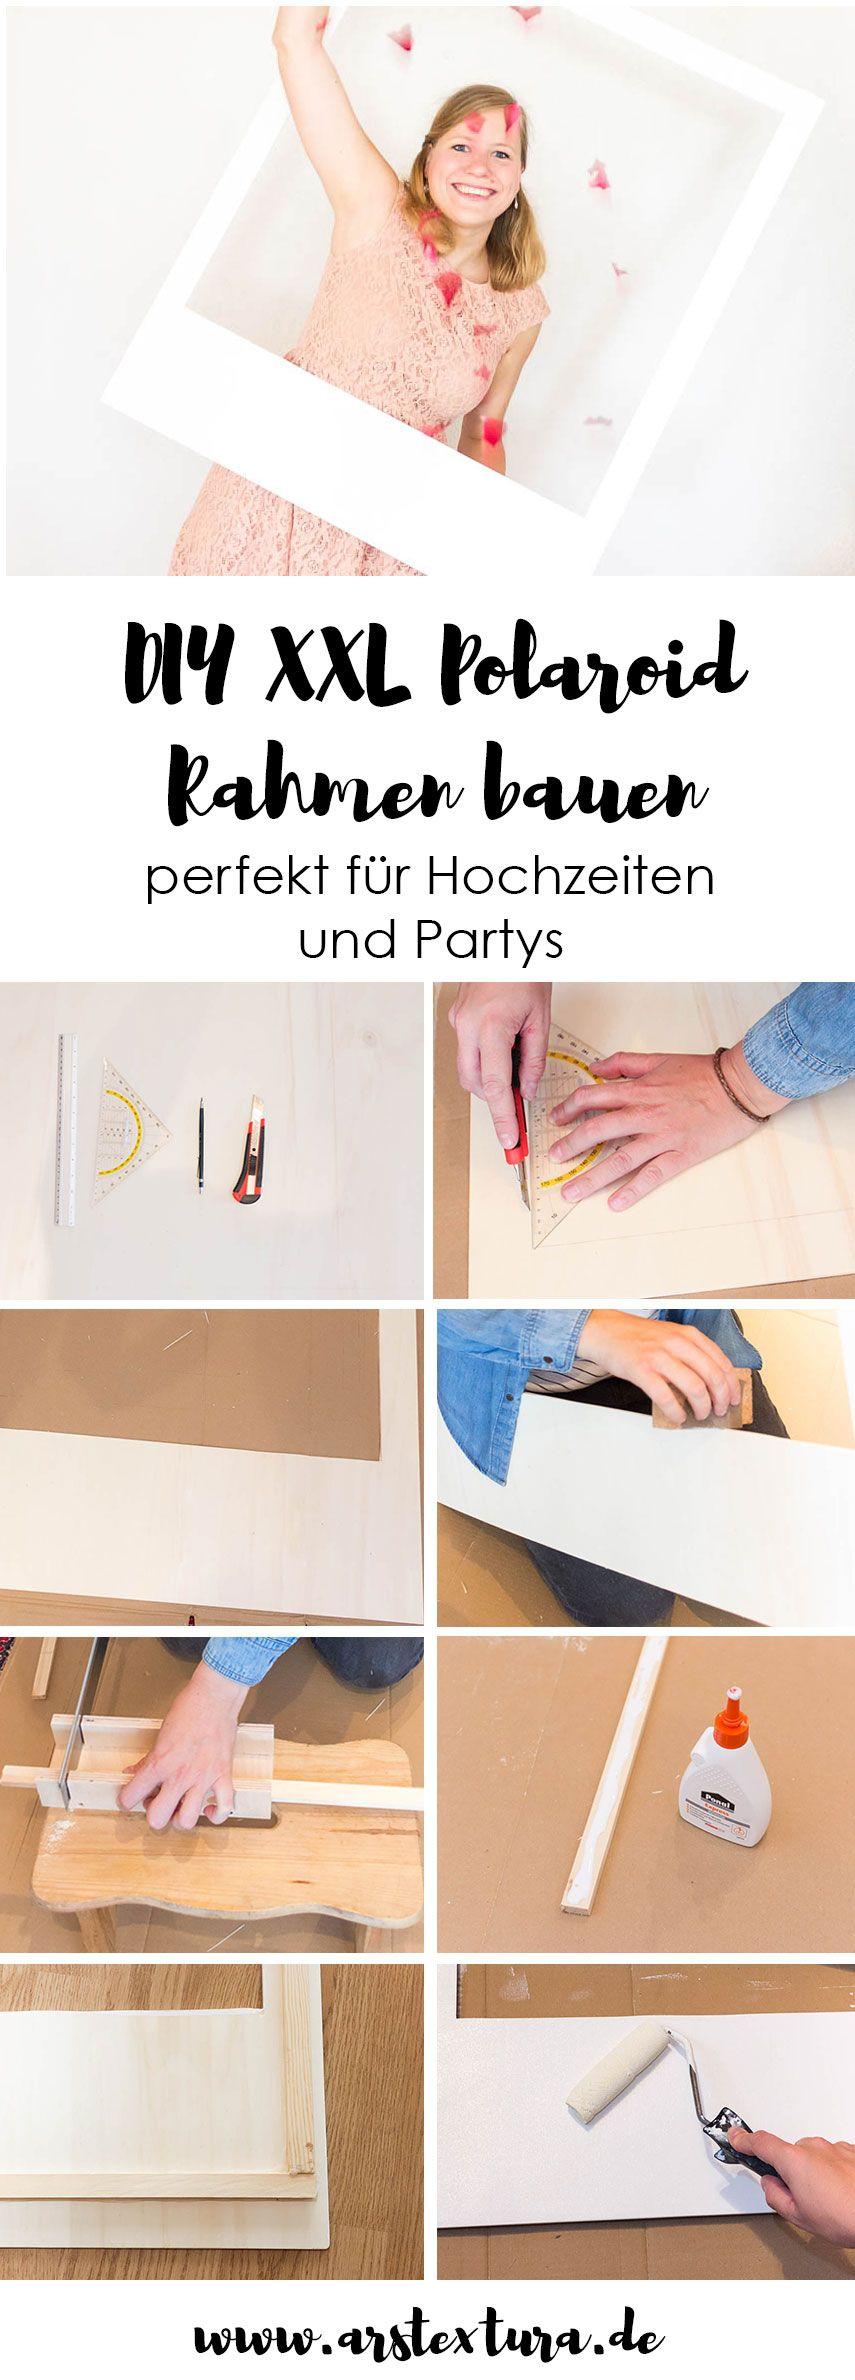 DIY Bilderrahmen für die Fotobox auf deiner Hochzeit | Pin Designs ...